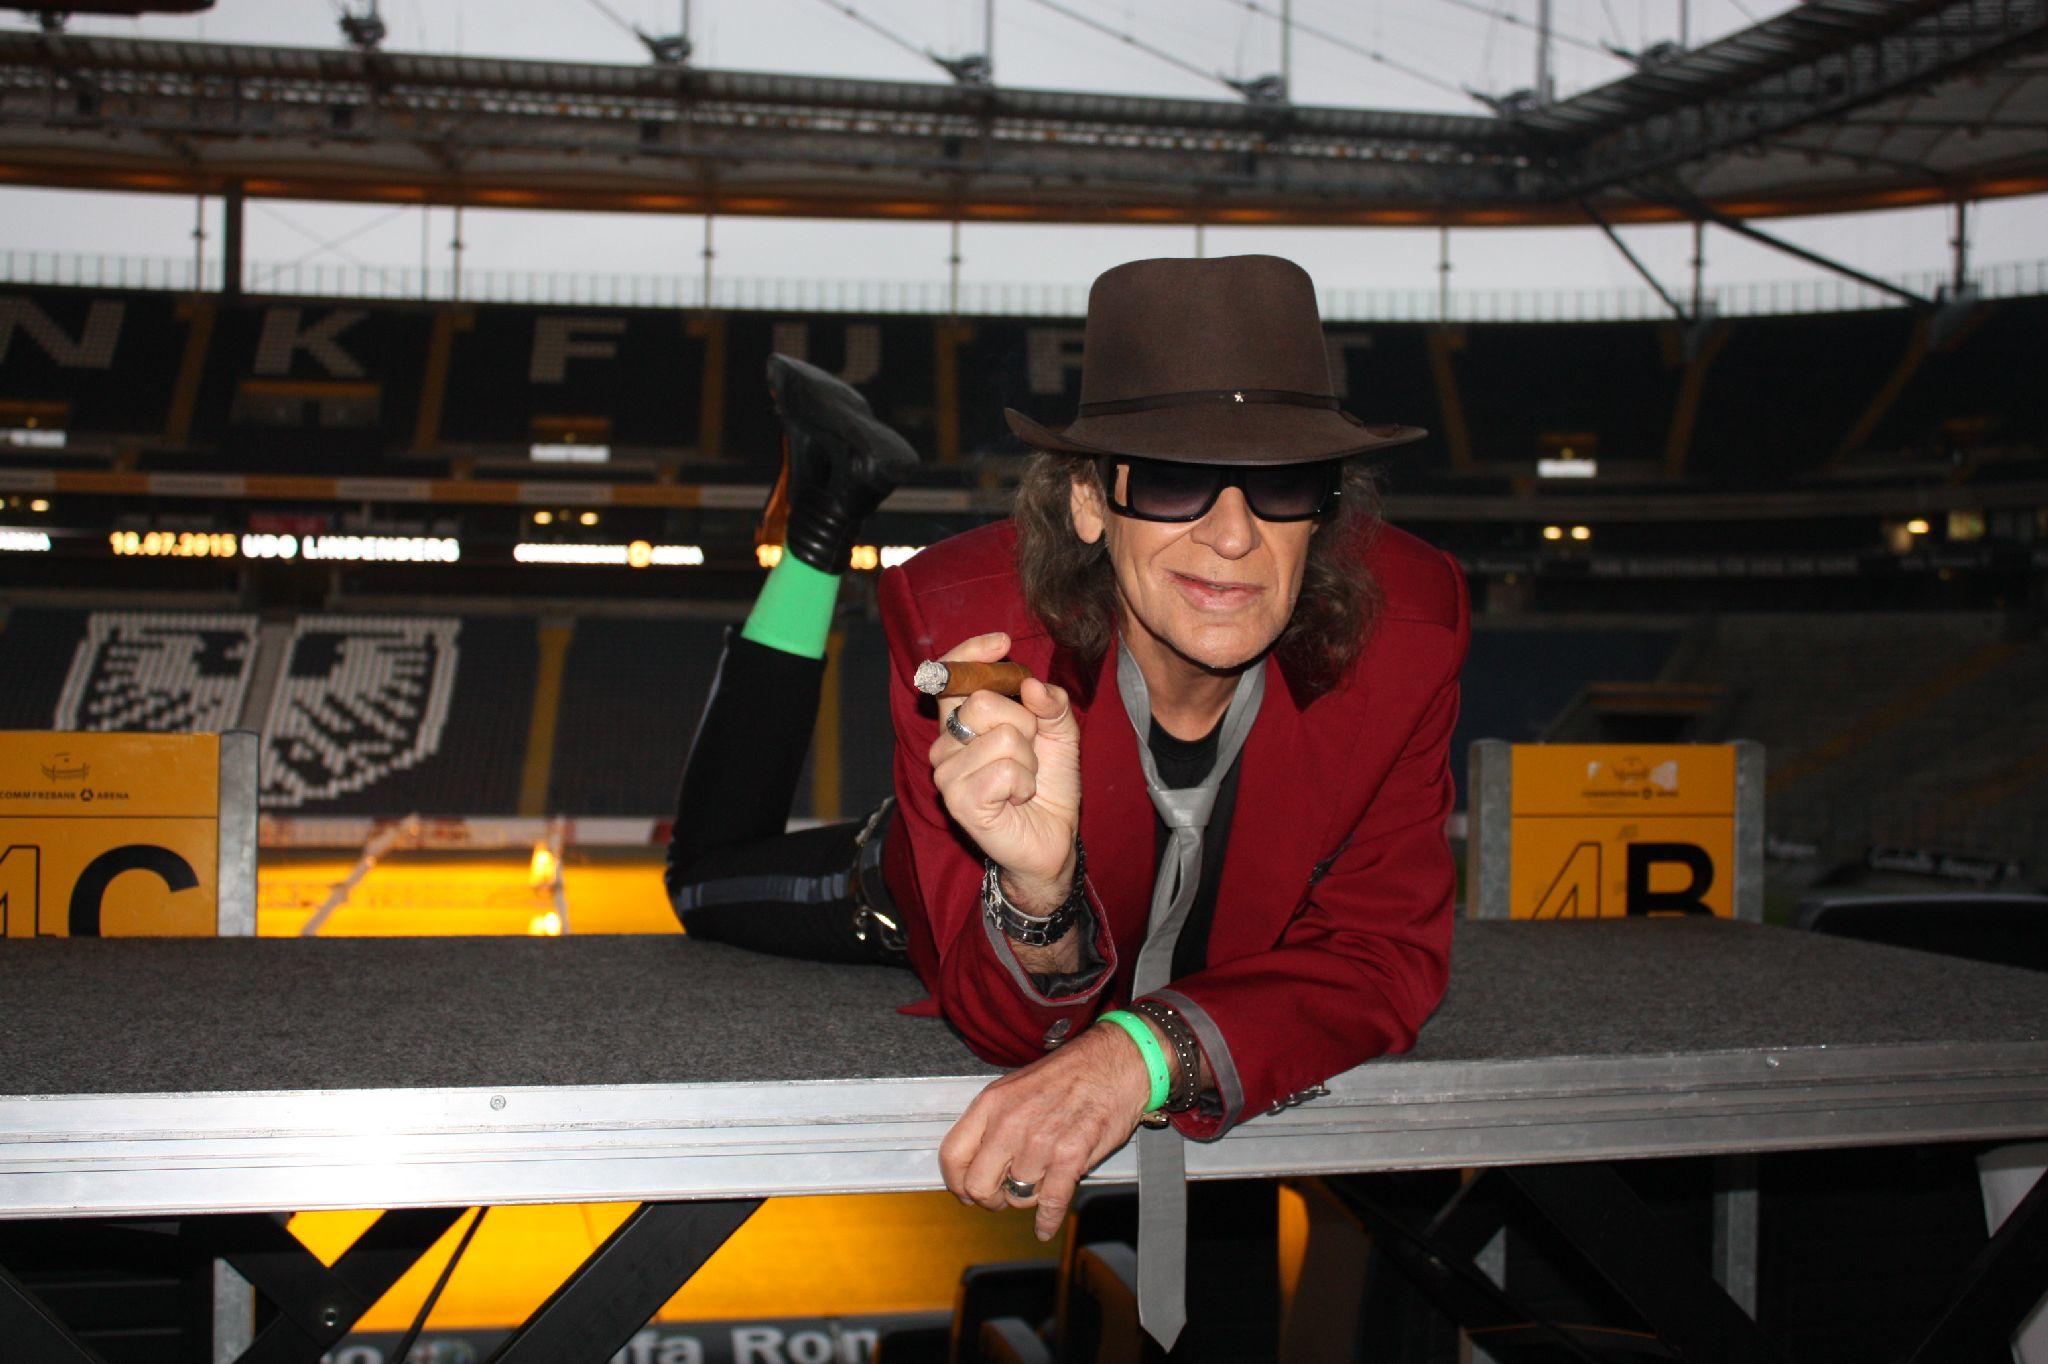 Auch In Frankfurt Udo Lindenberg Will Mit Tour 2015 Neue Maßstäbe